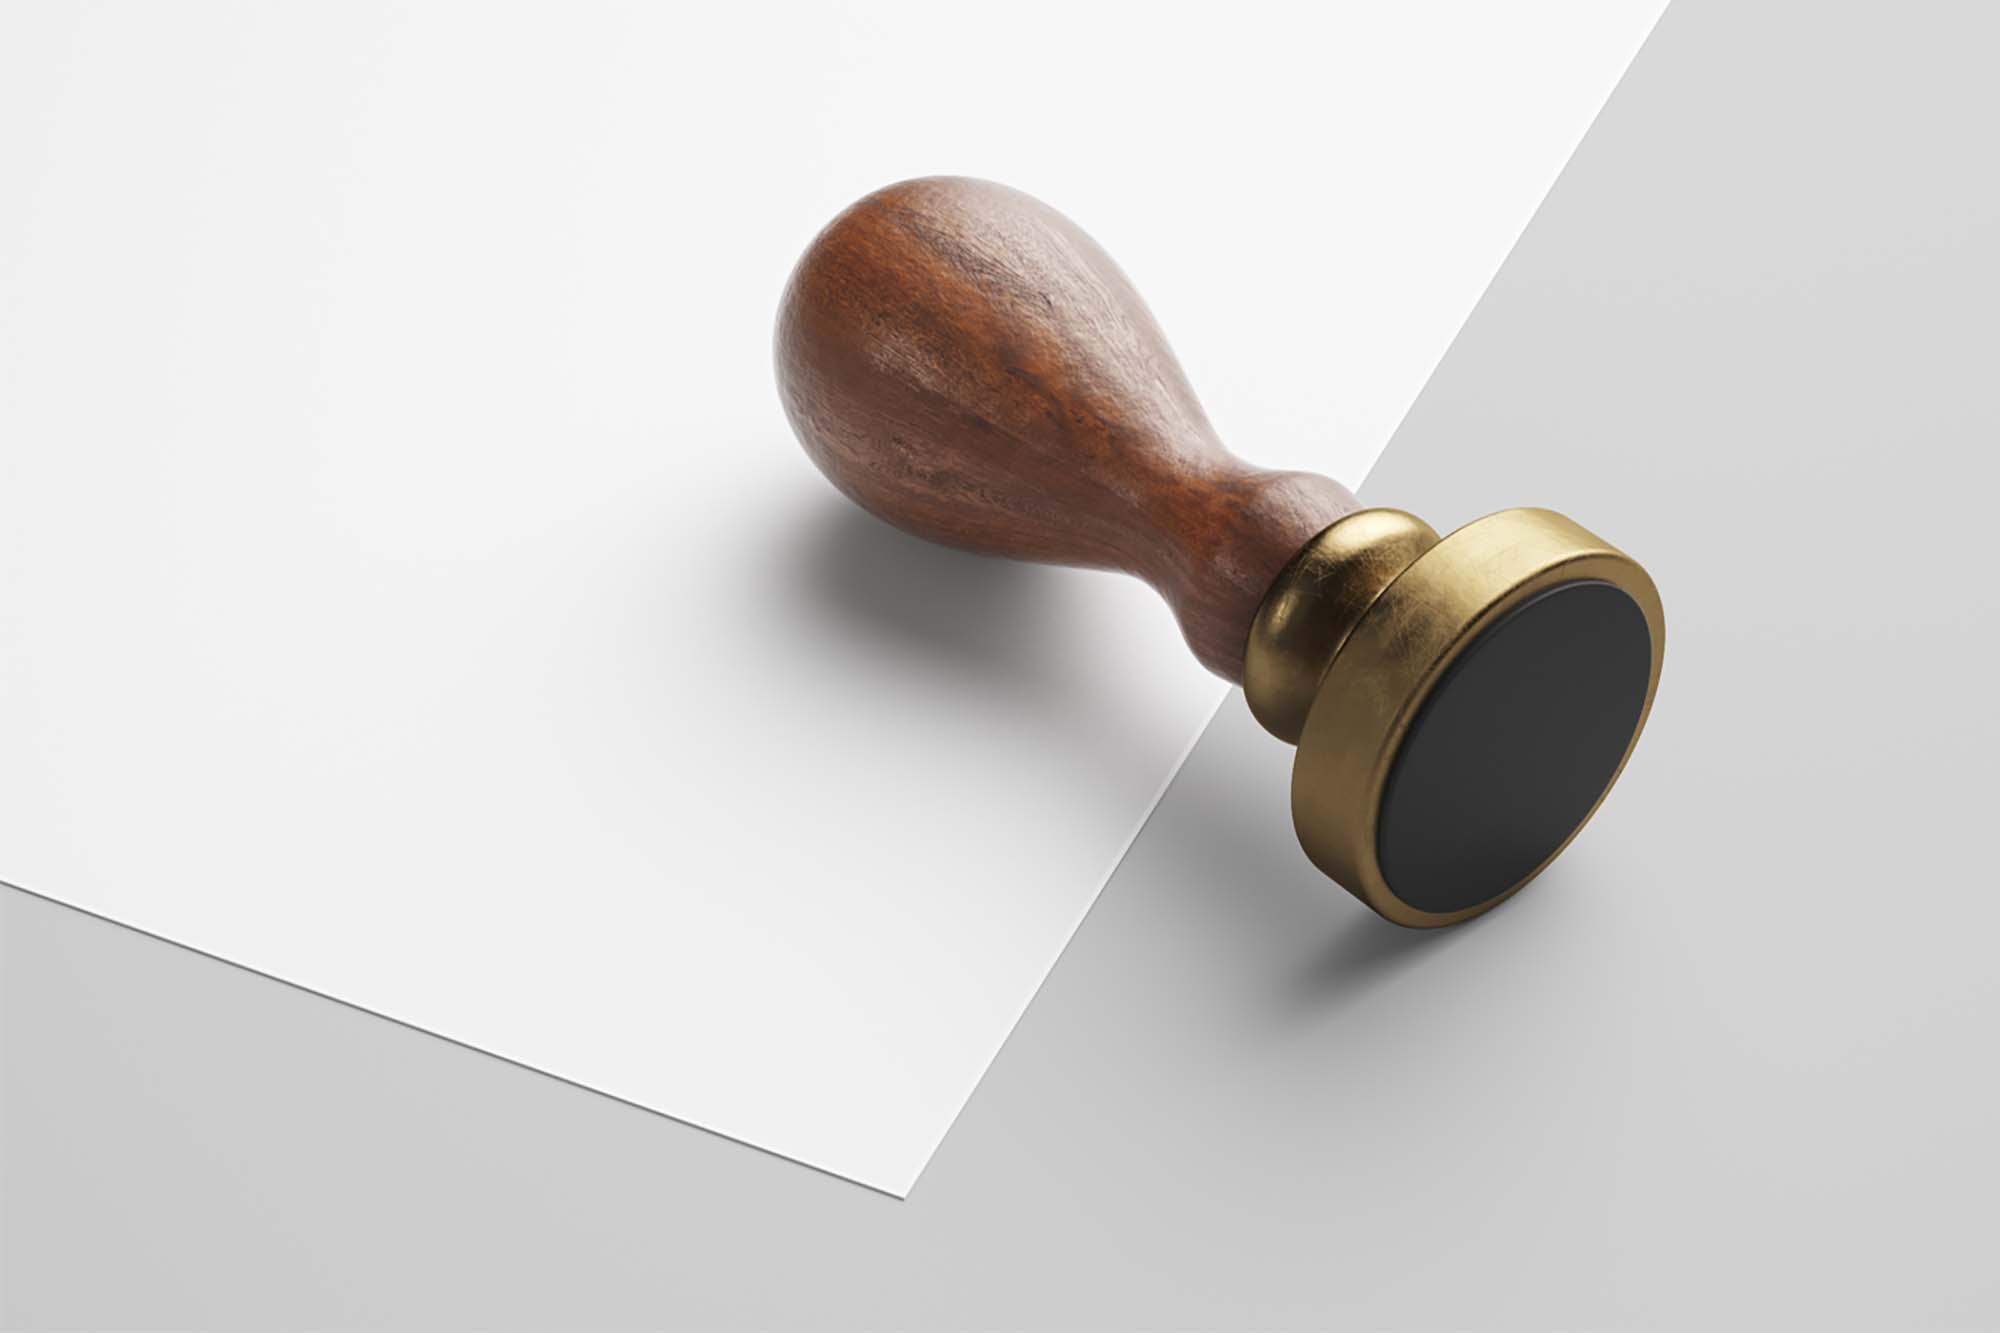 Wooden Stamp Mockup 2